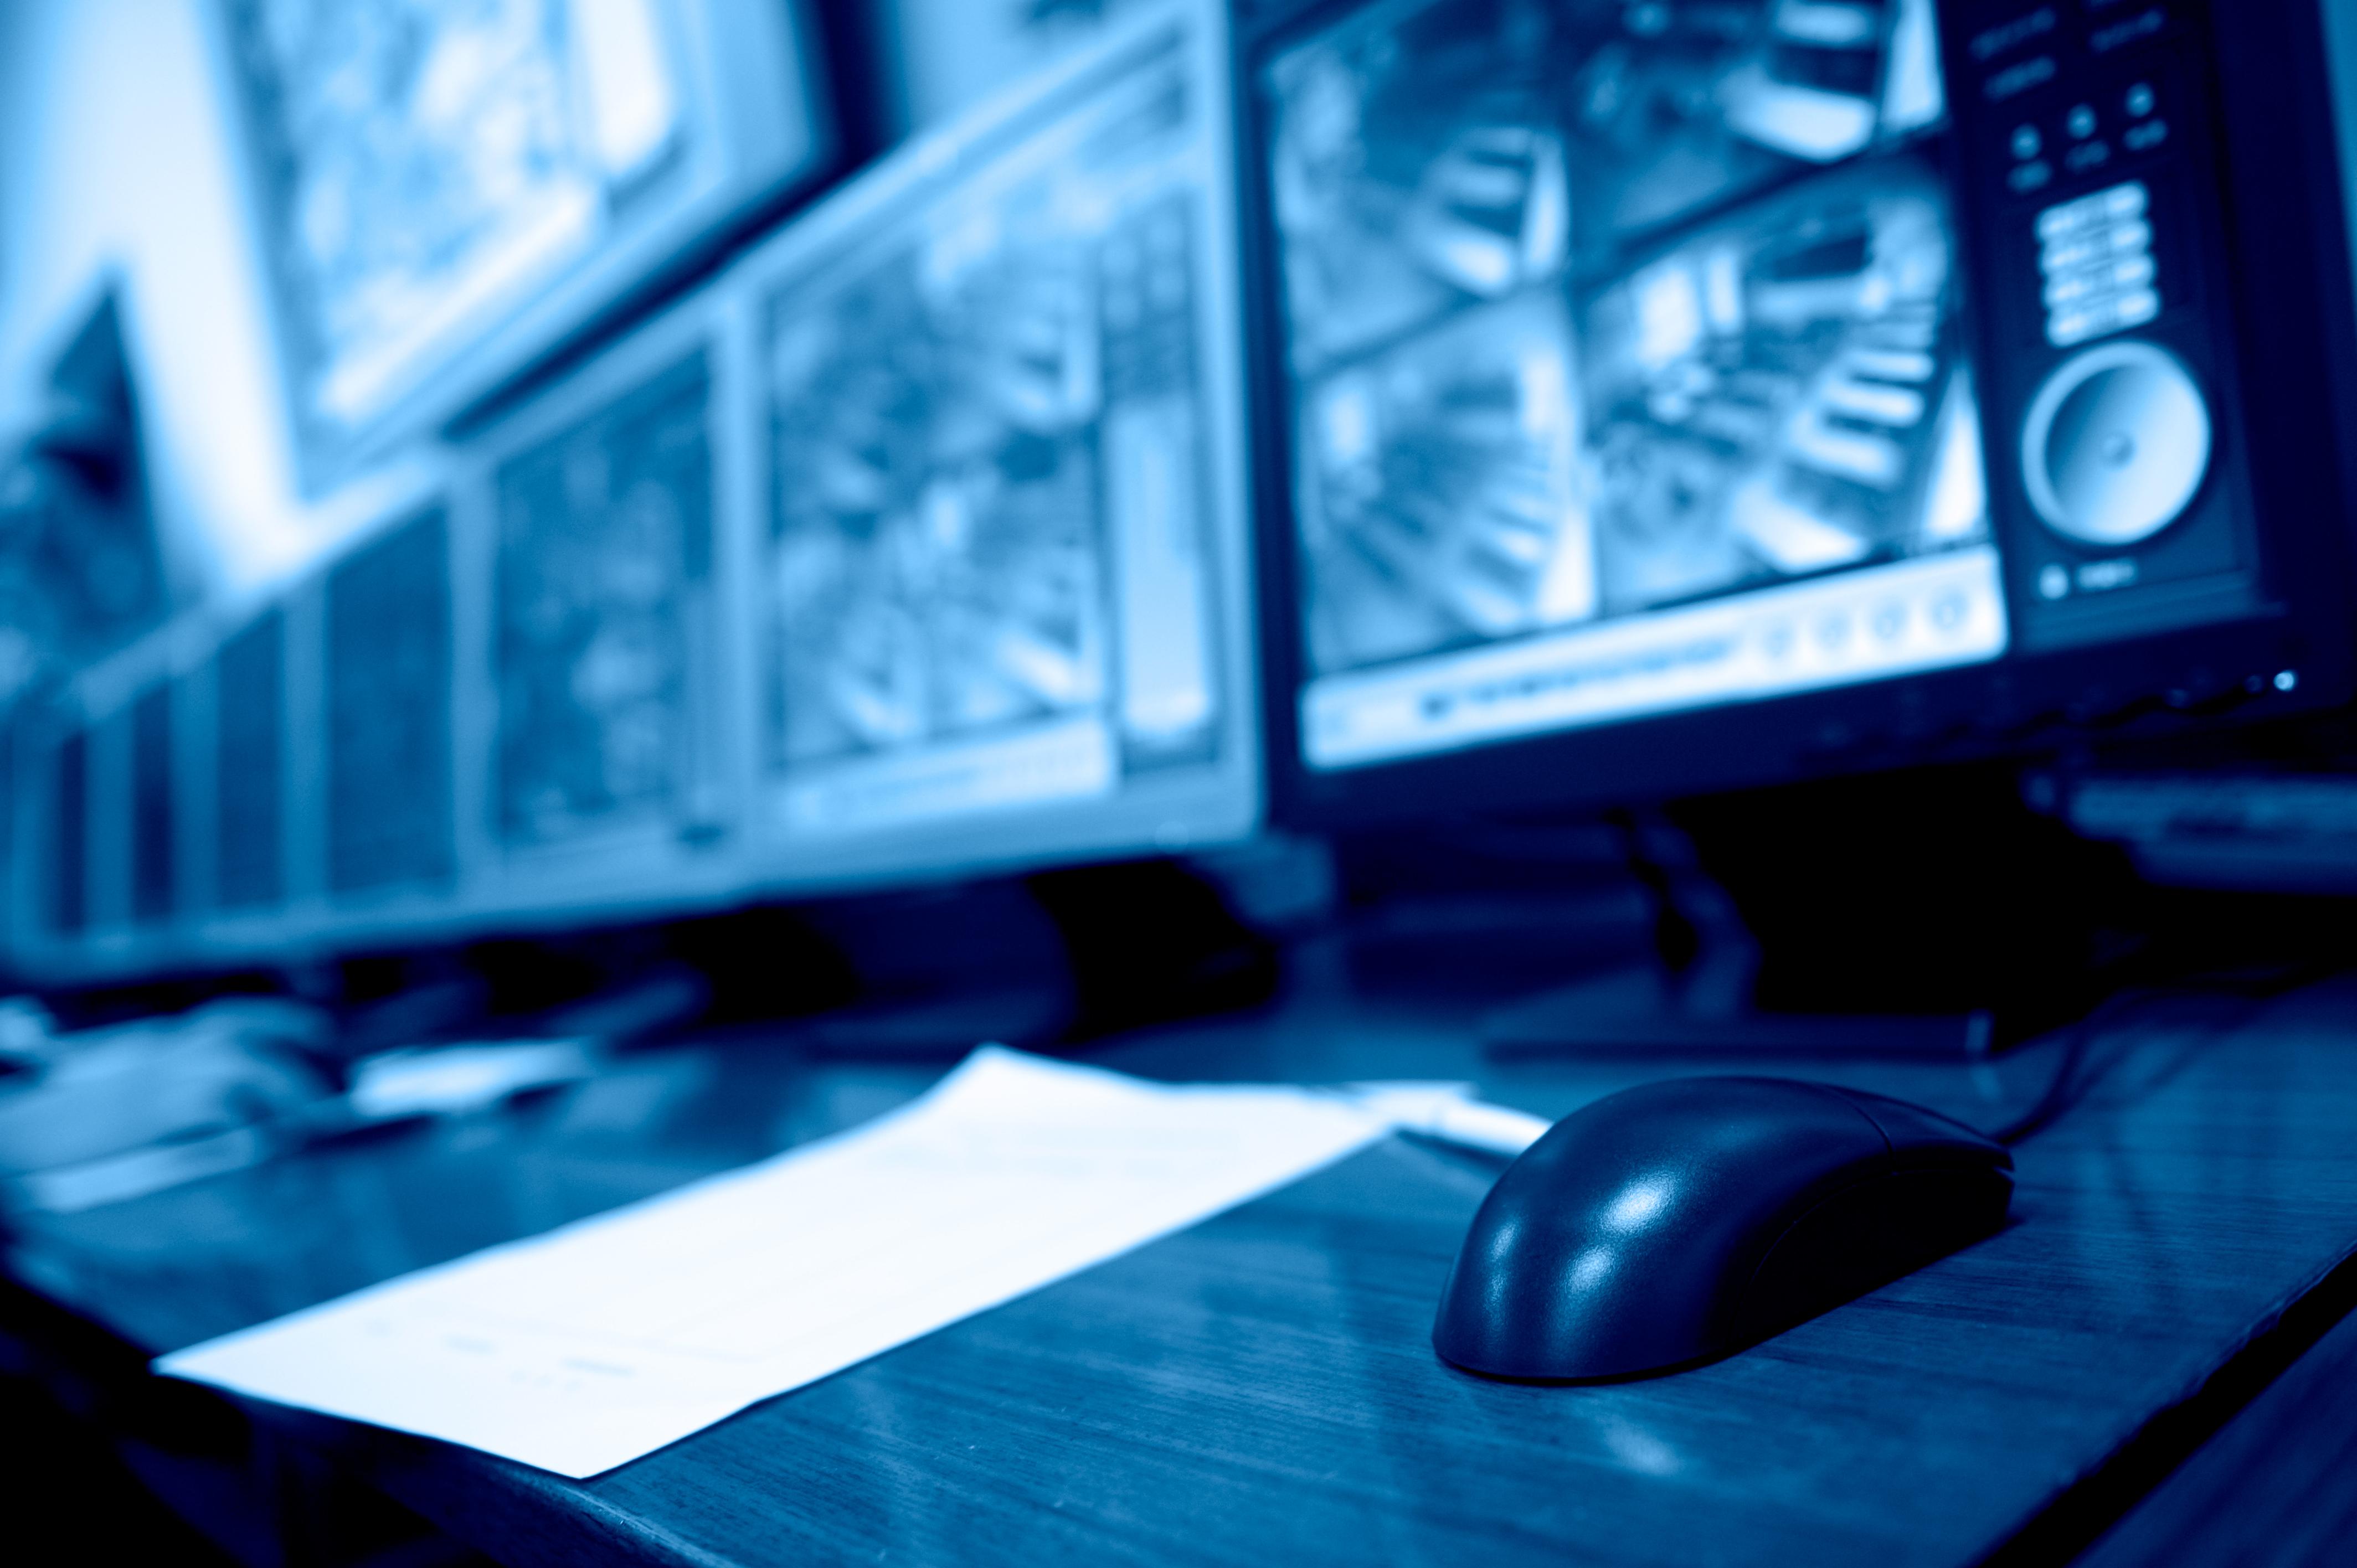 Pult centralizovanej ochrany – čo zohľadňovať pri výbere firmy?